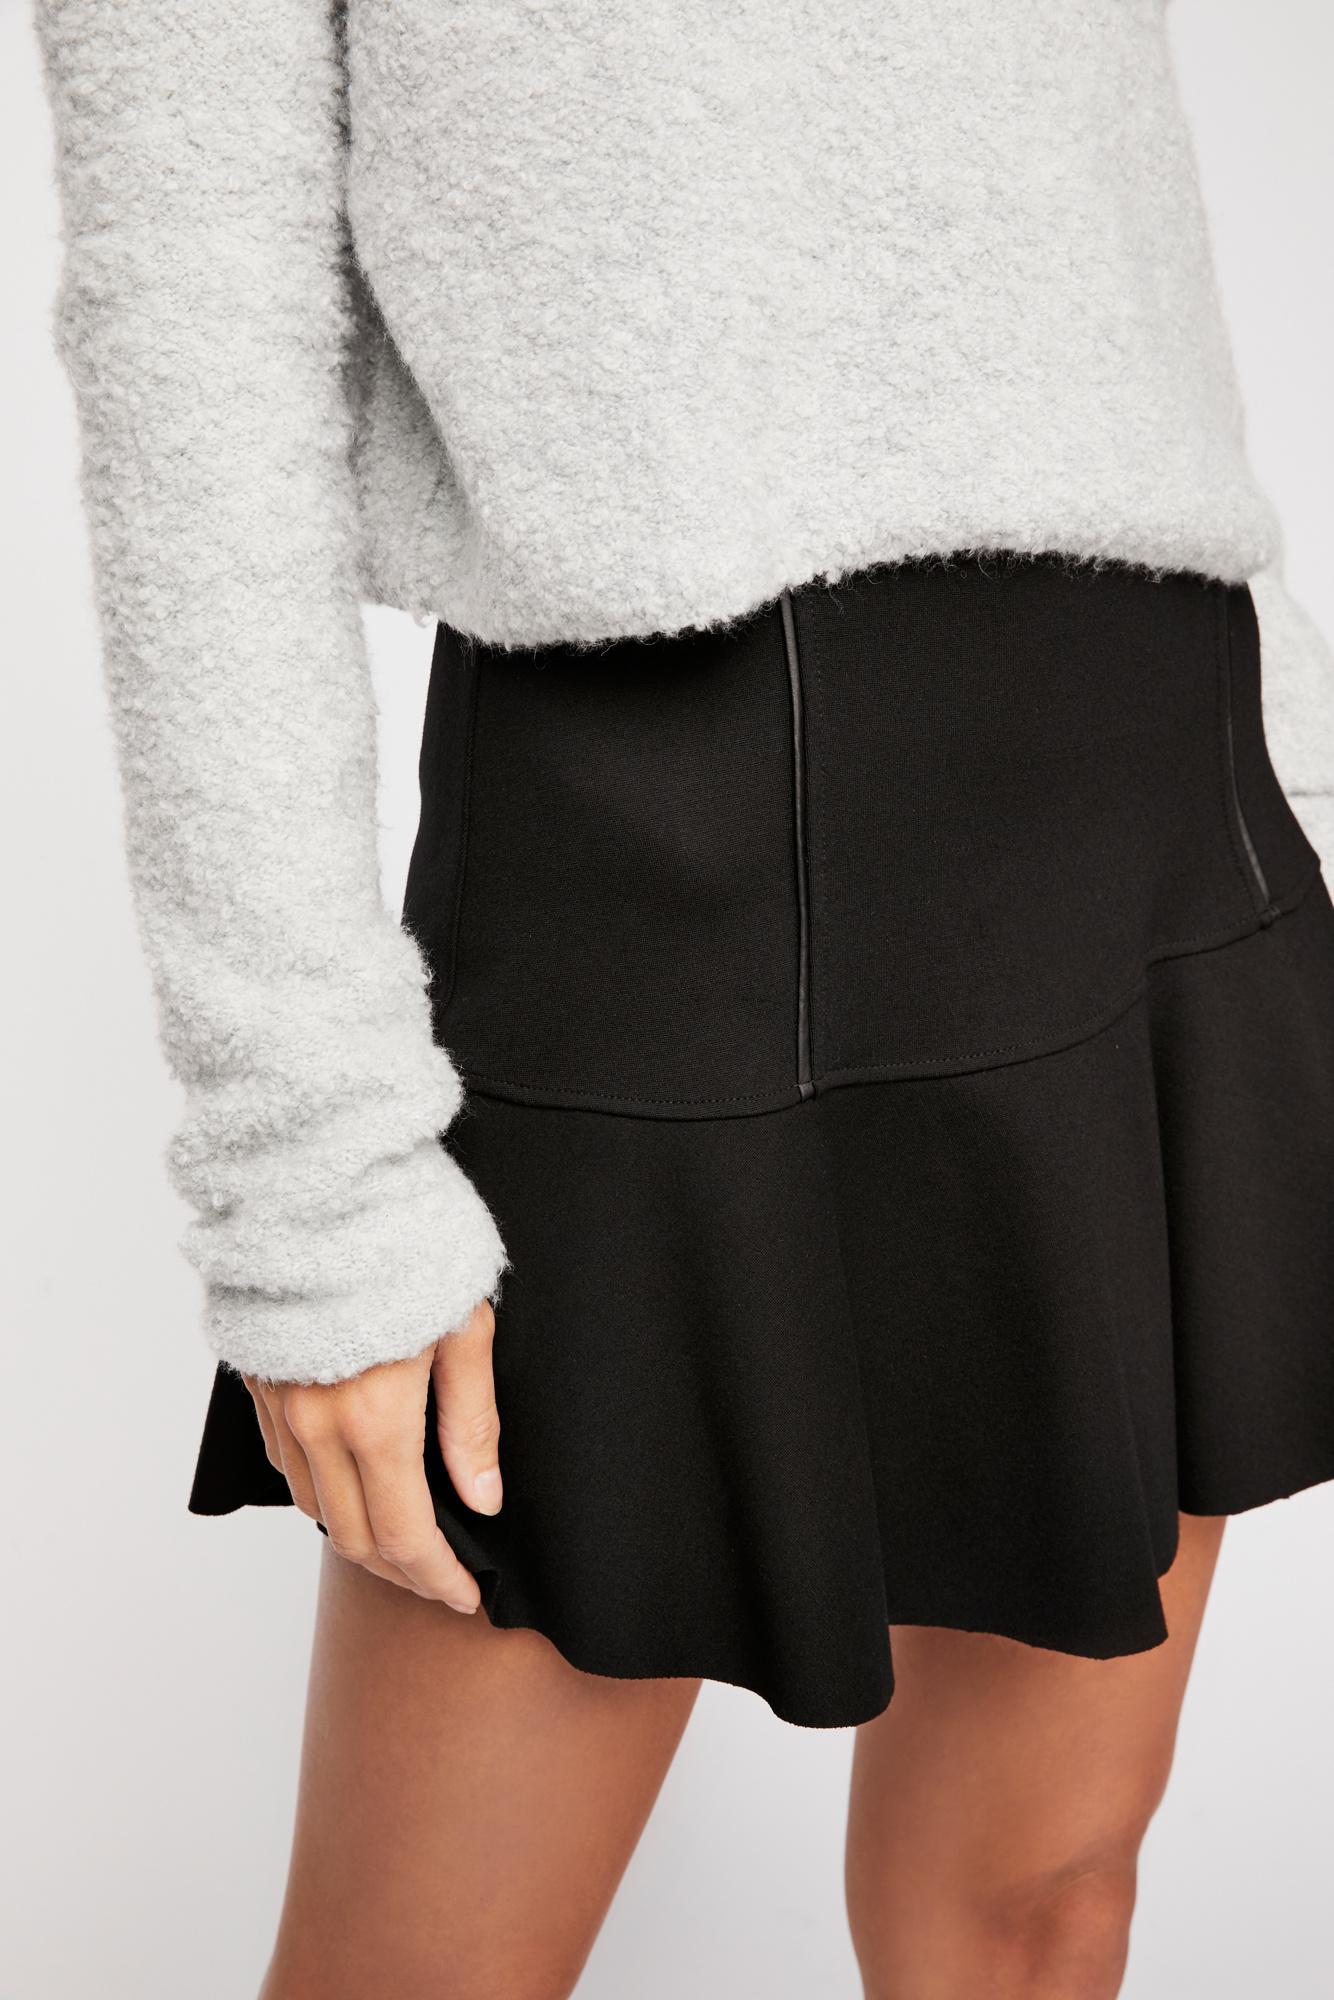 Free PeopleHighlands MiniskirtBlack